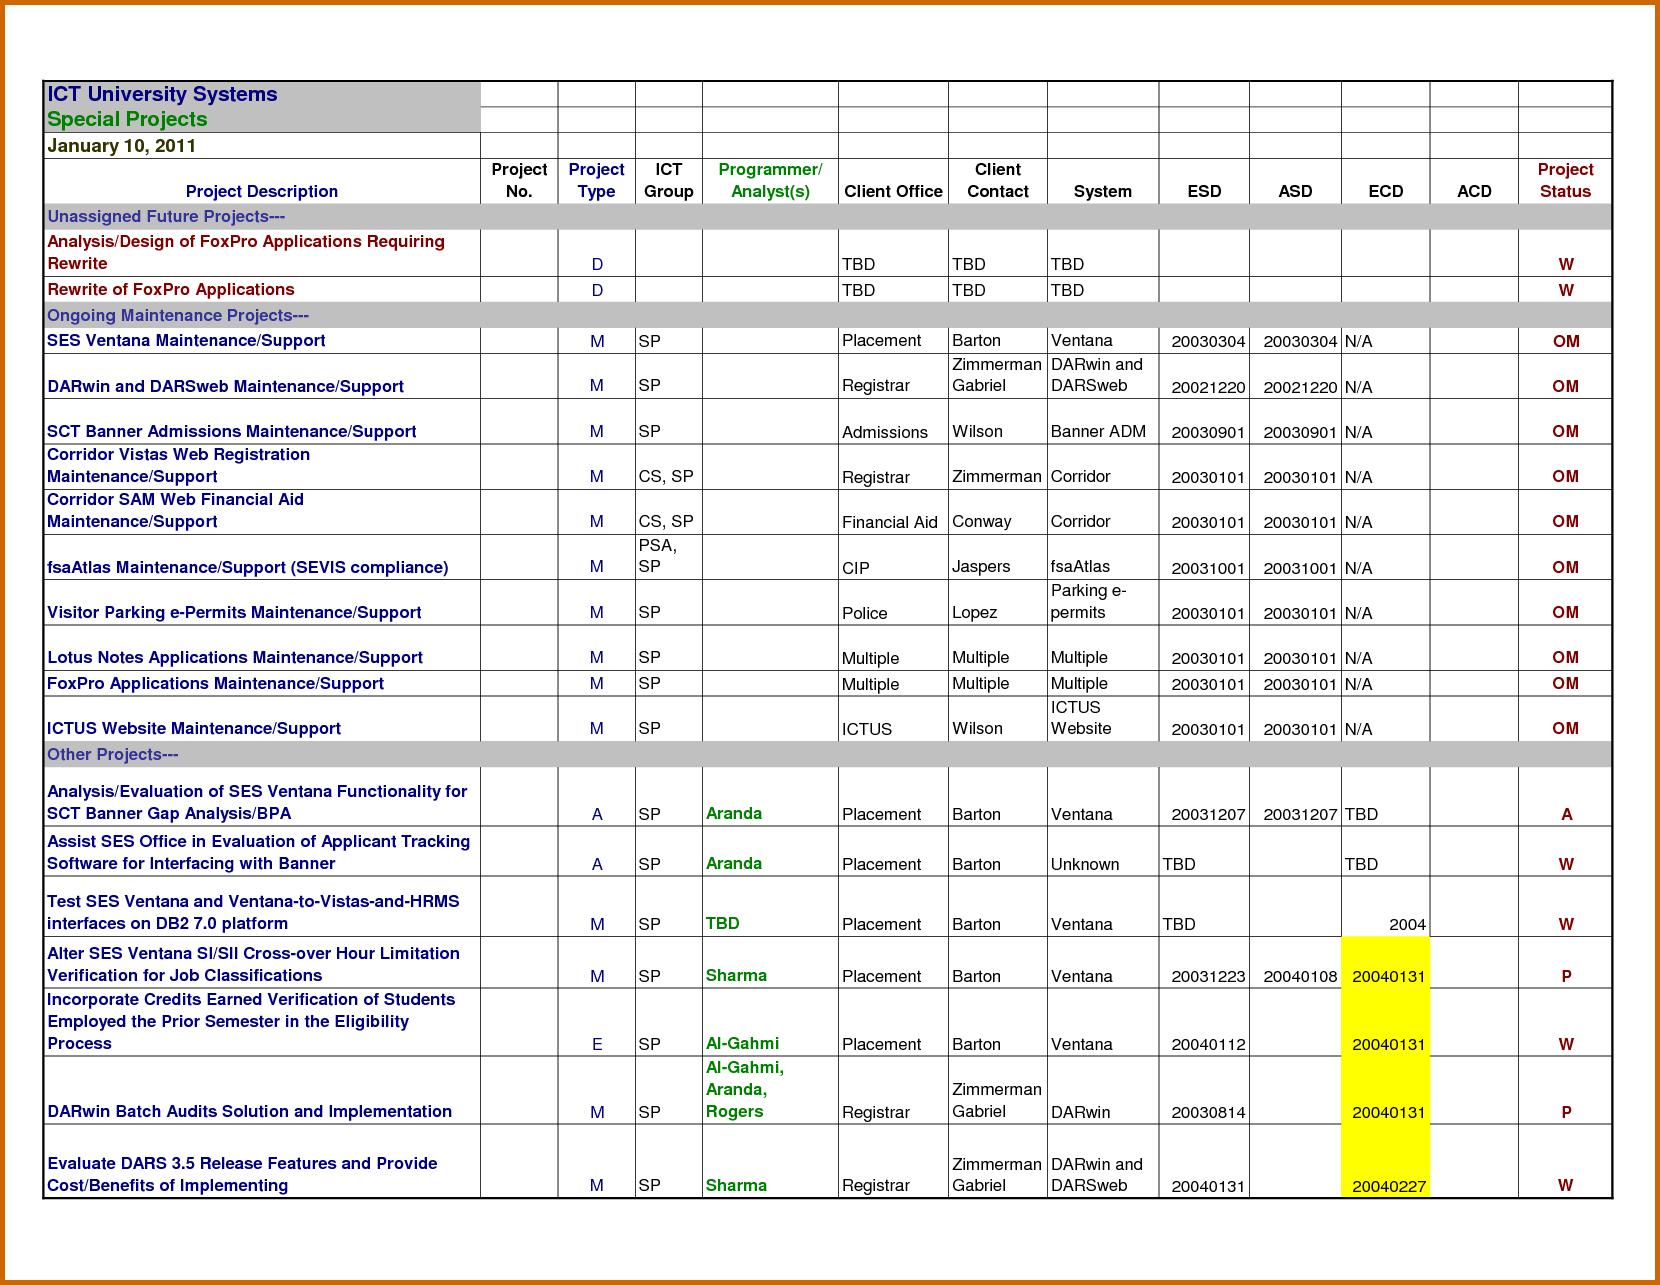 Boma Excel Spreadsheet Regarding Example Of An